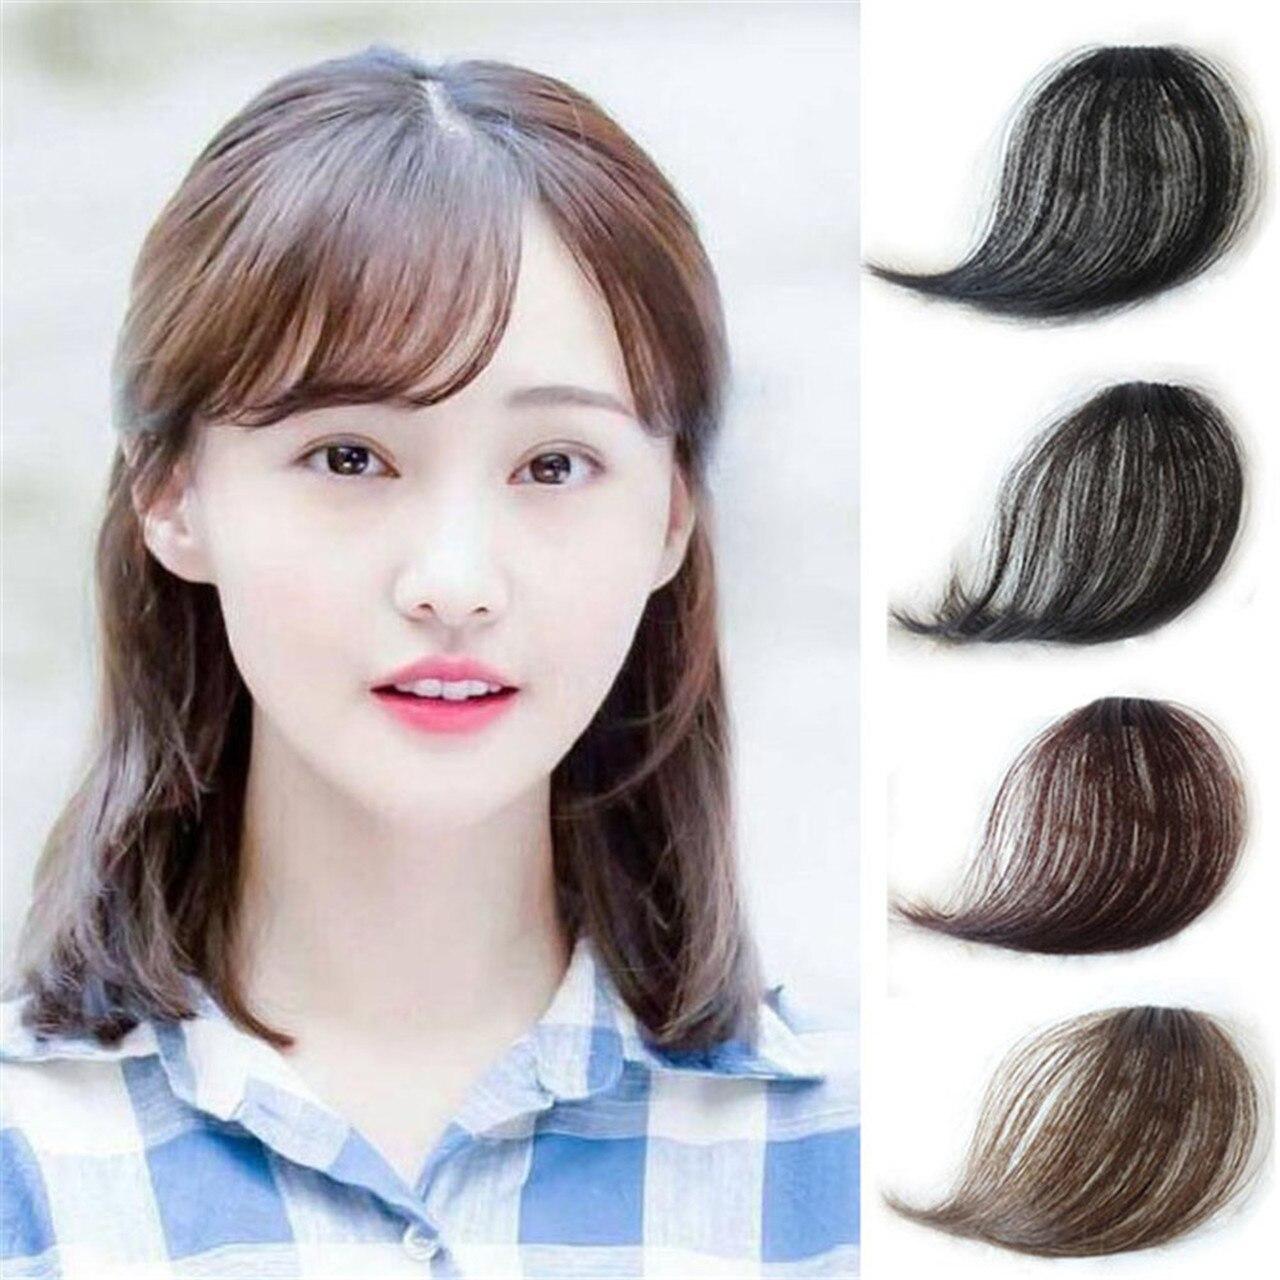 Thin Slant Air Bangs Hand Made Human Hair Extensions Clip In Hair Straight Bangs